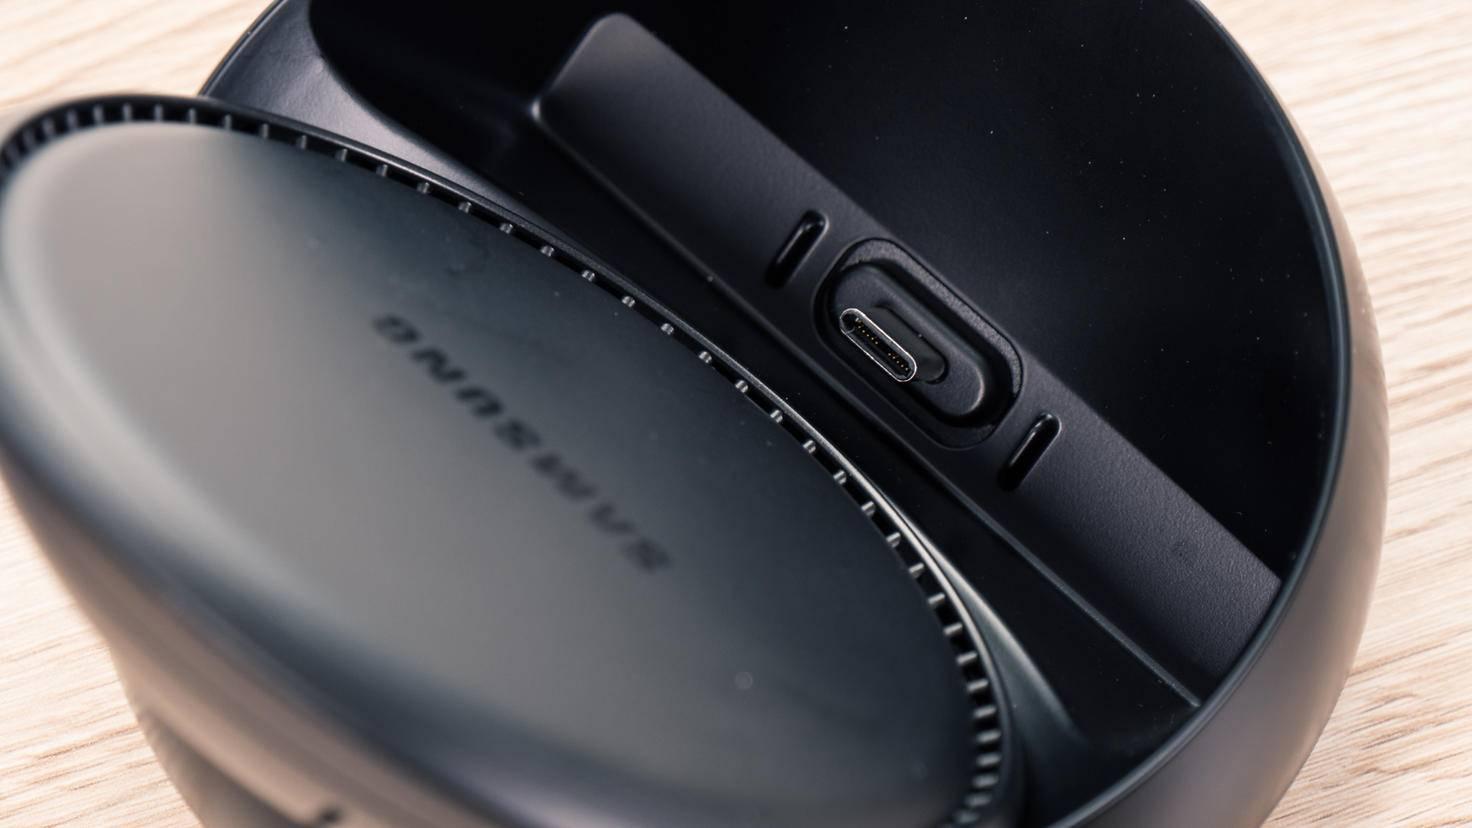 Das Galaxy S8 wird über USB-C angedockt.